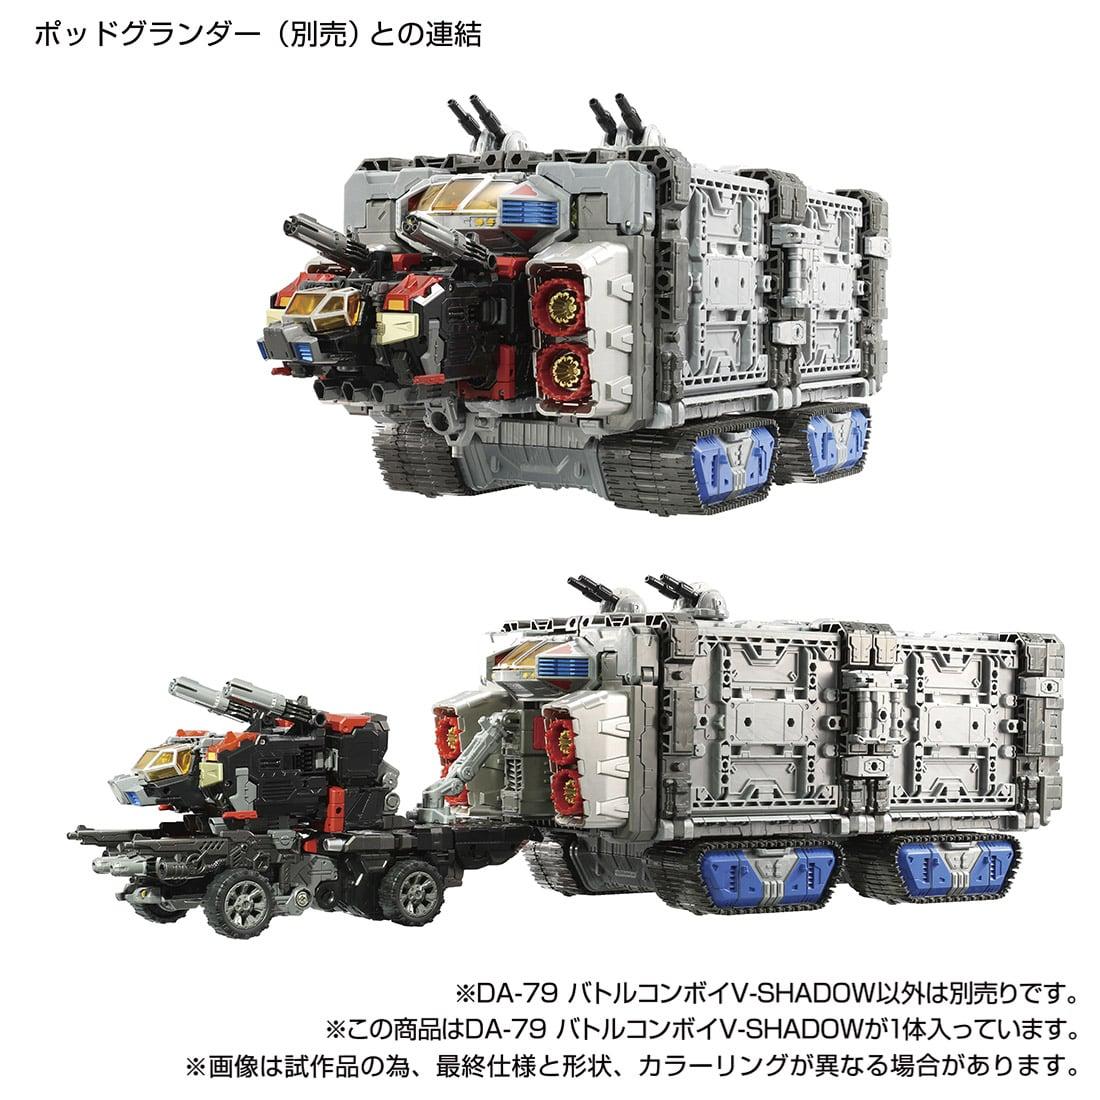 【限定販売】ダイアクロン『DA-79 バトルコンボイ V-SHADOW』可動フィギュア-006